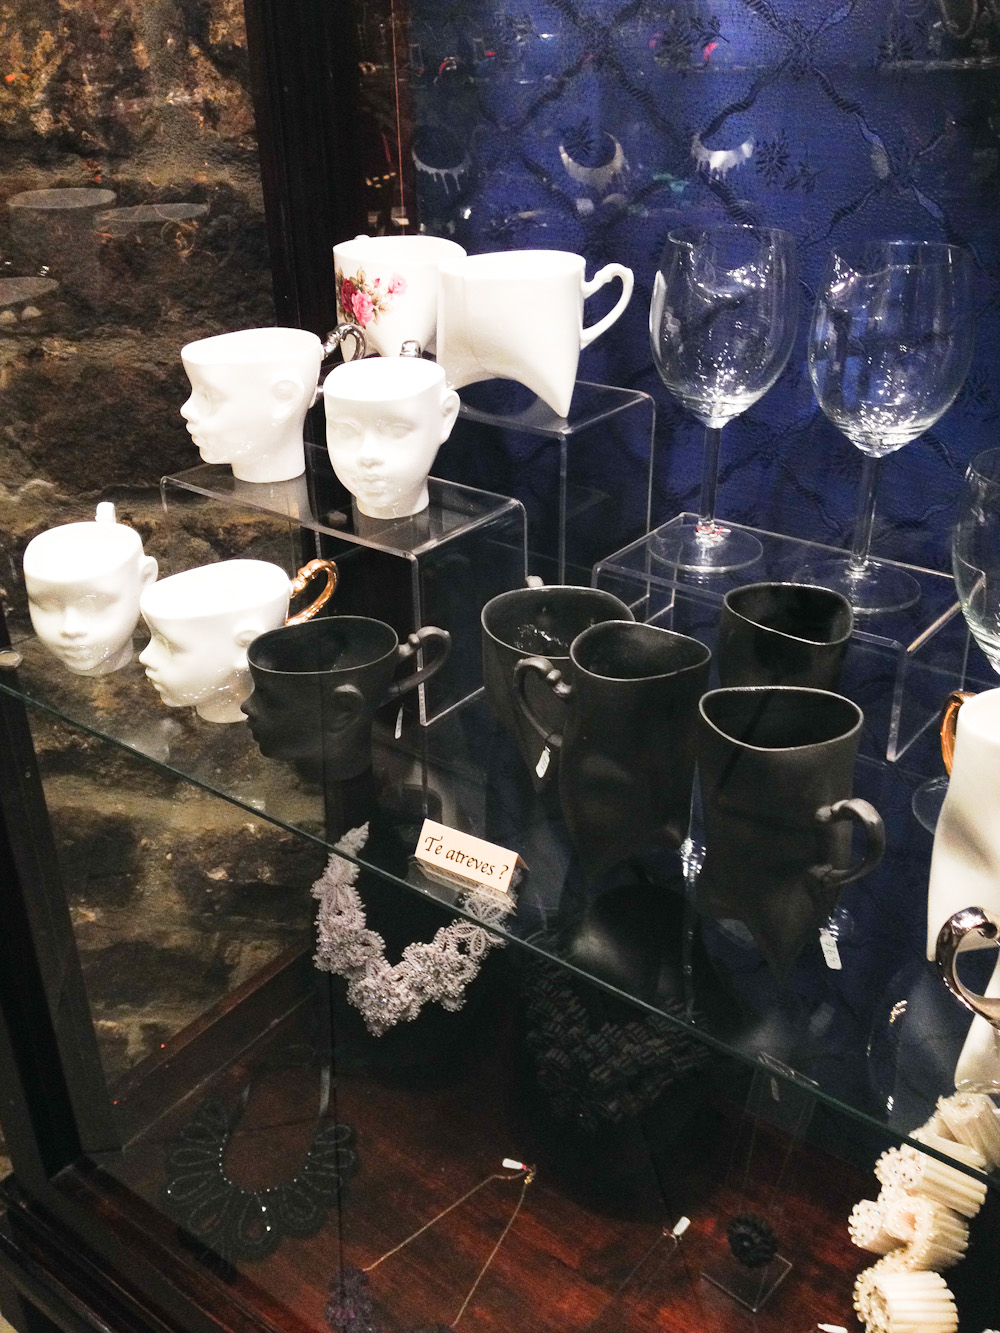 Tazas de cerámica con formas de caras en La Basílica. Foto